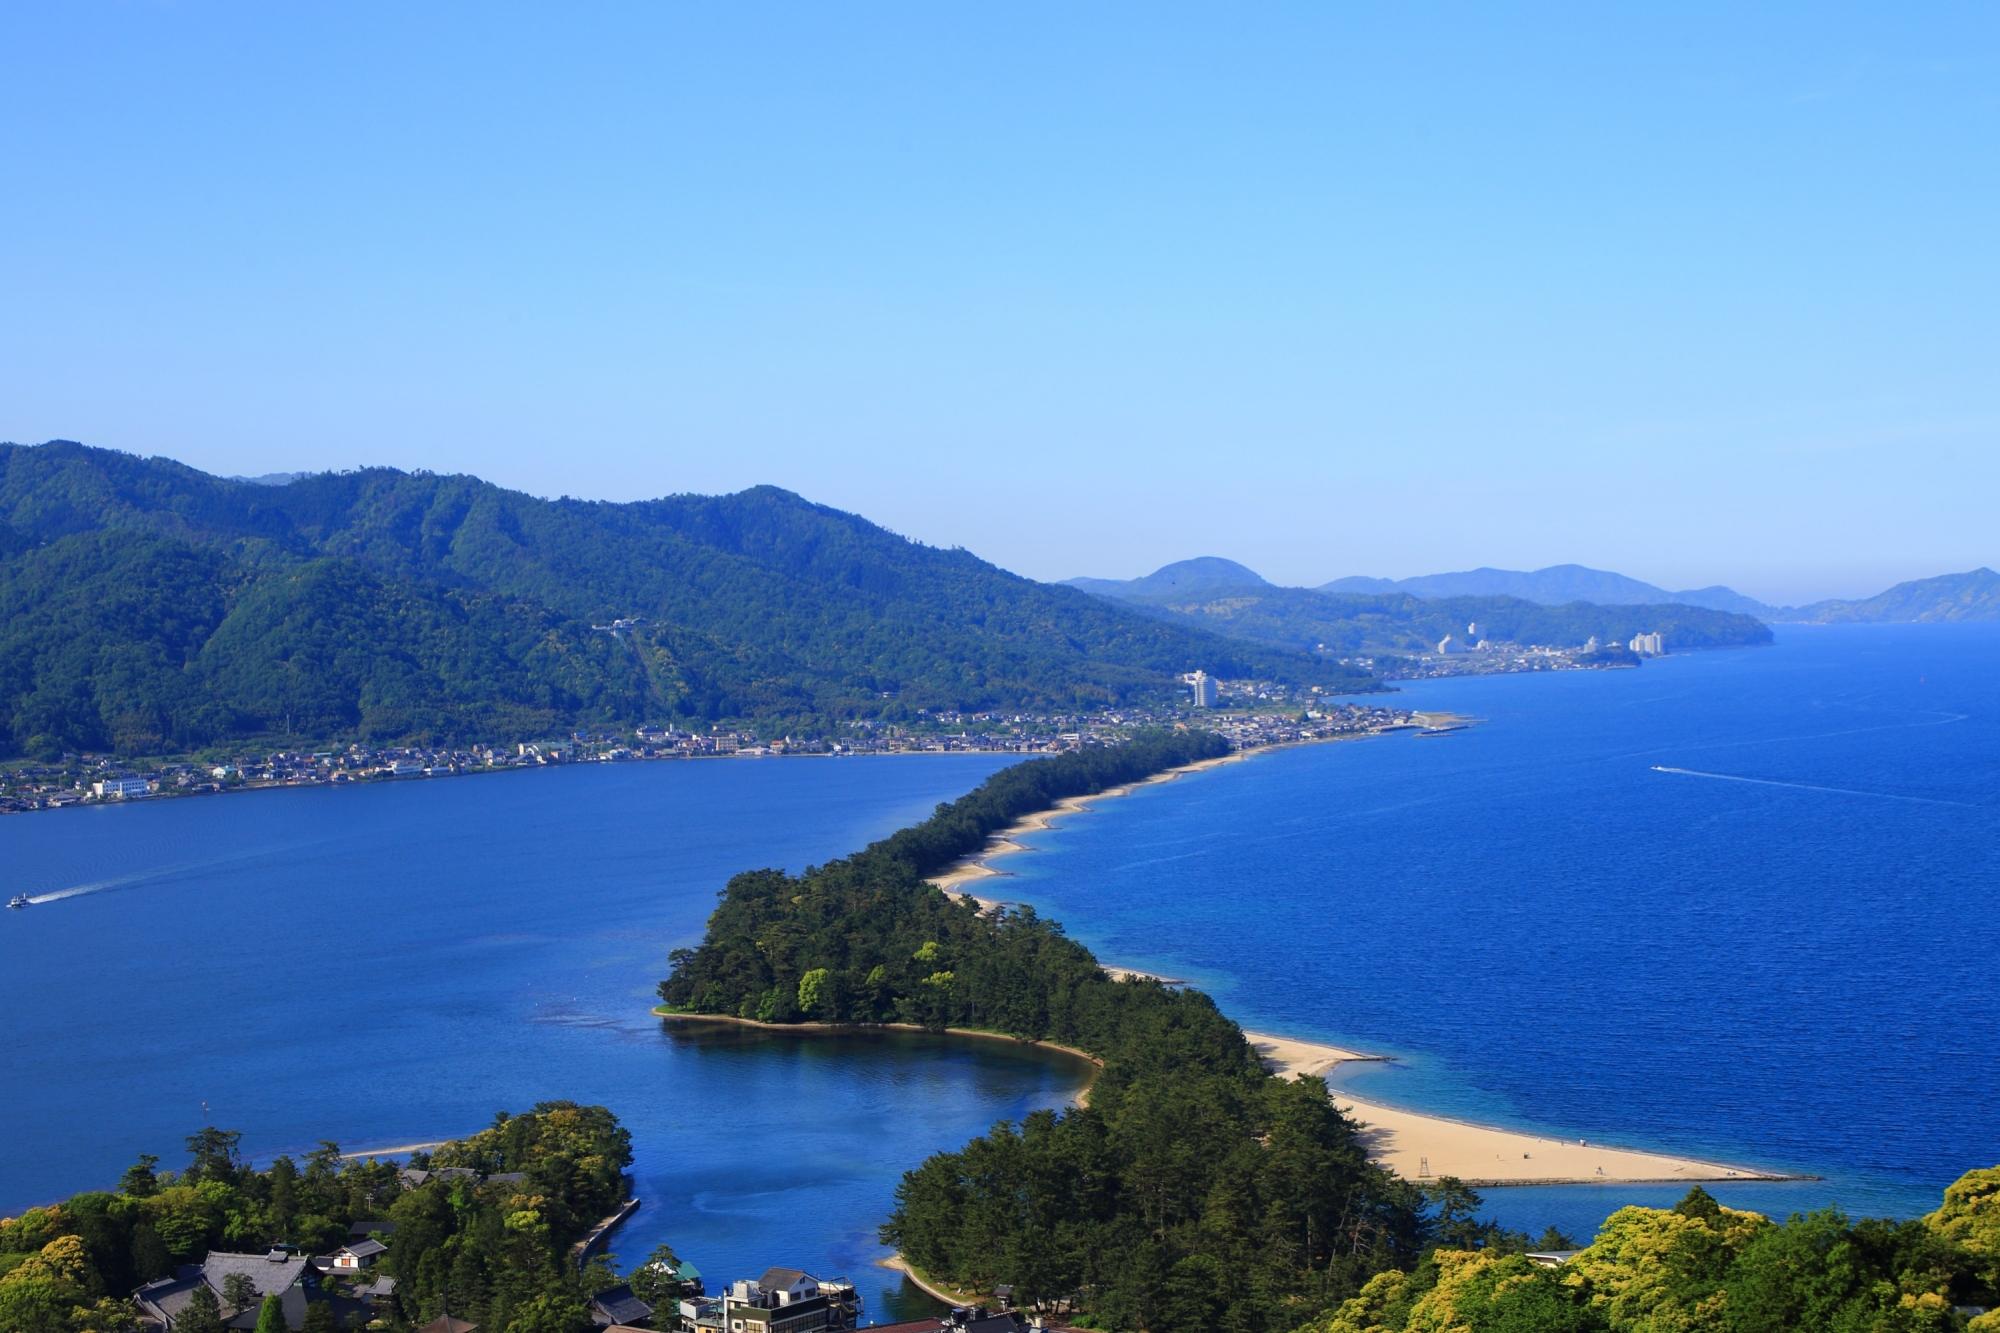 見事な自然の造形物である日本三景の一つの天橋立